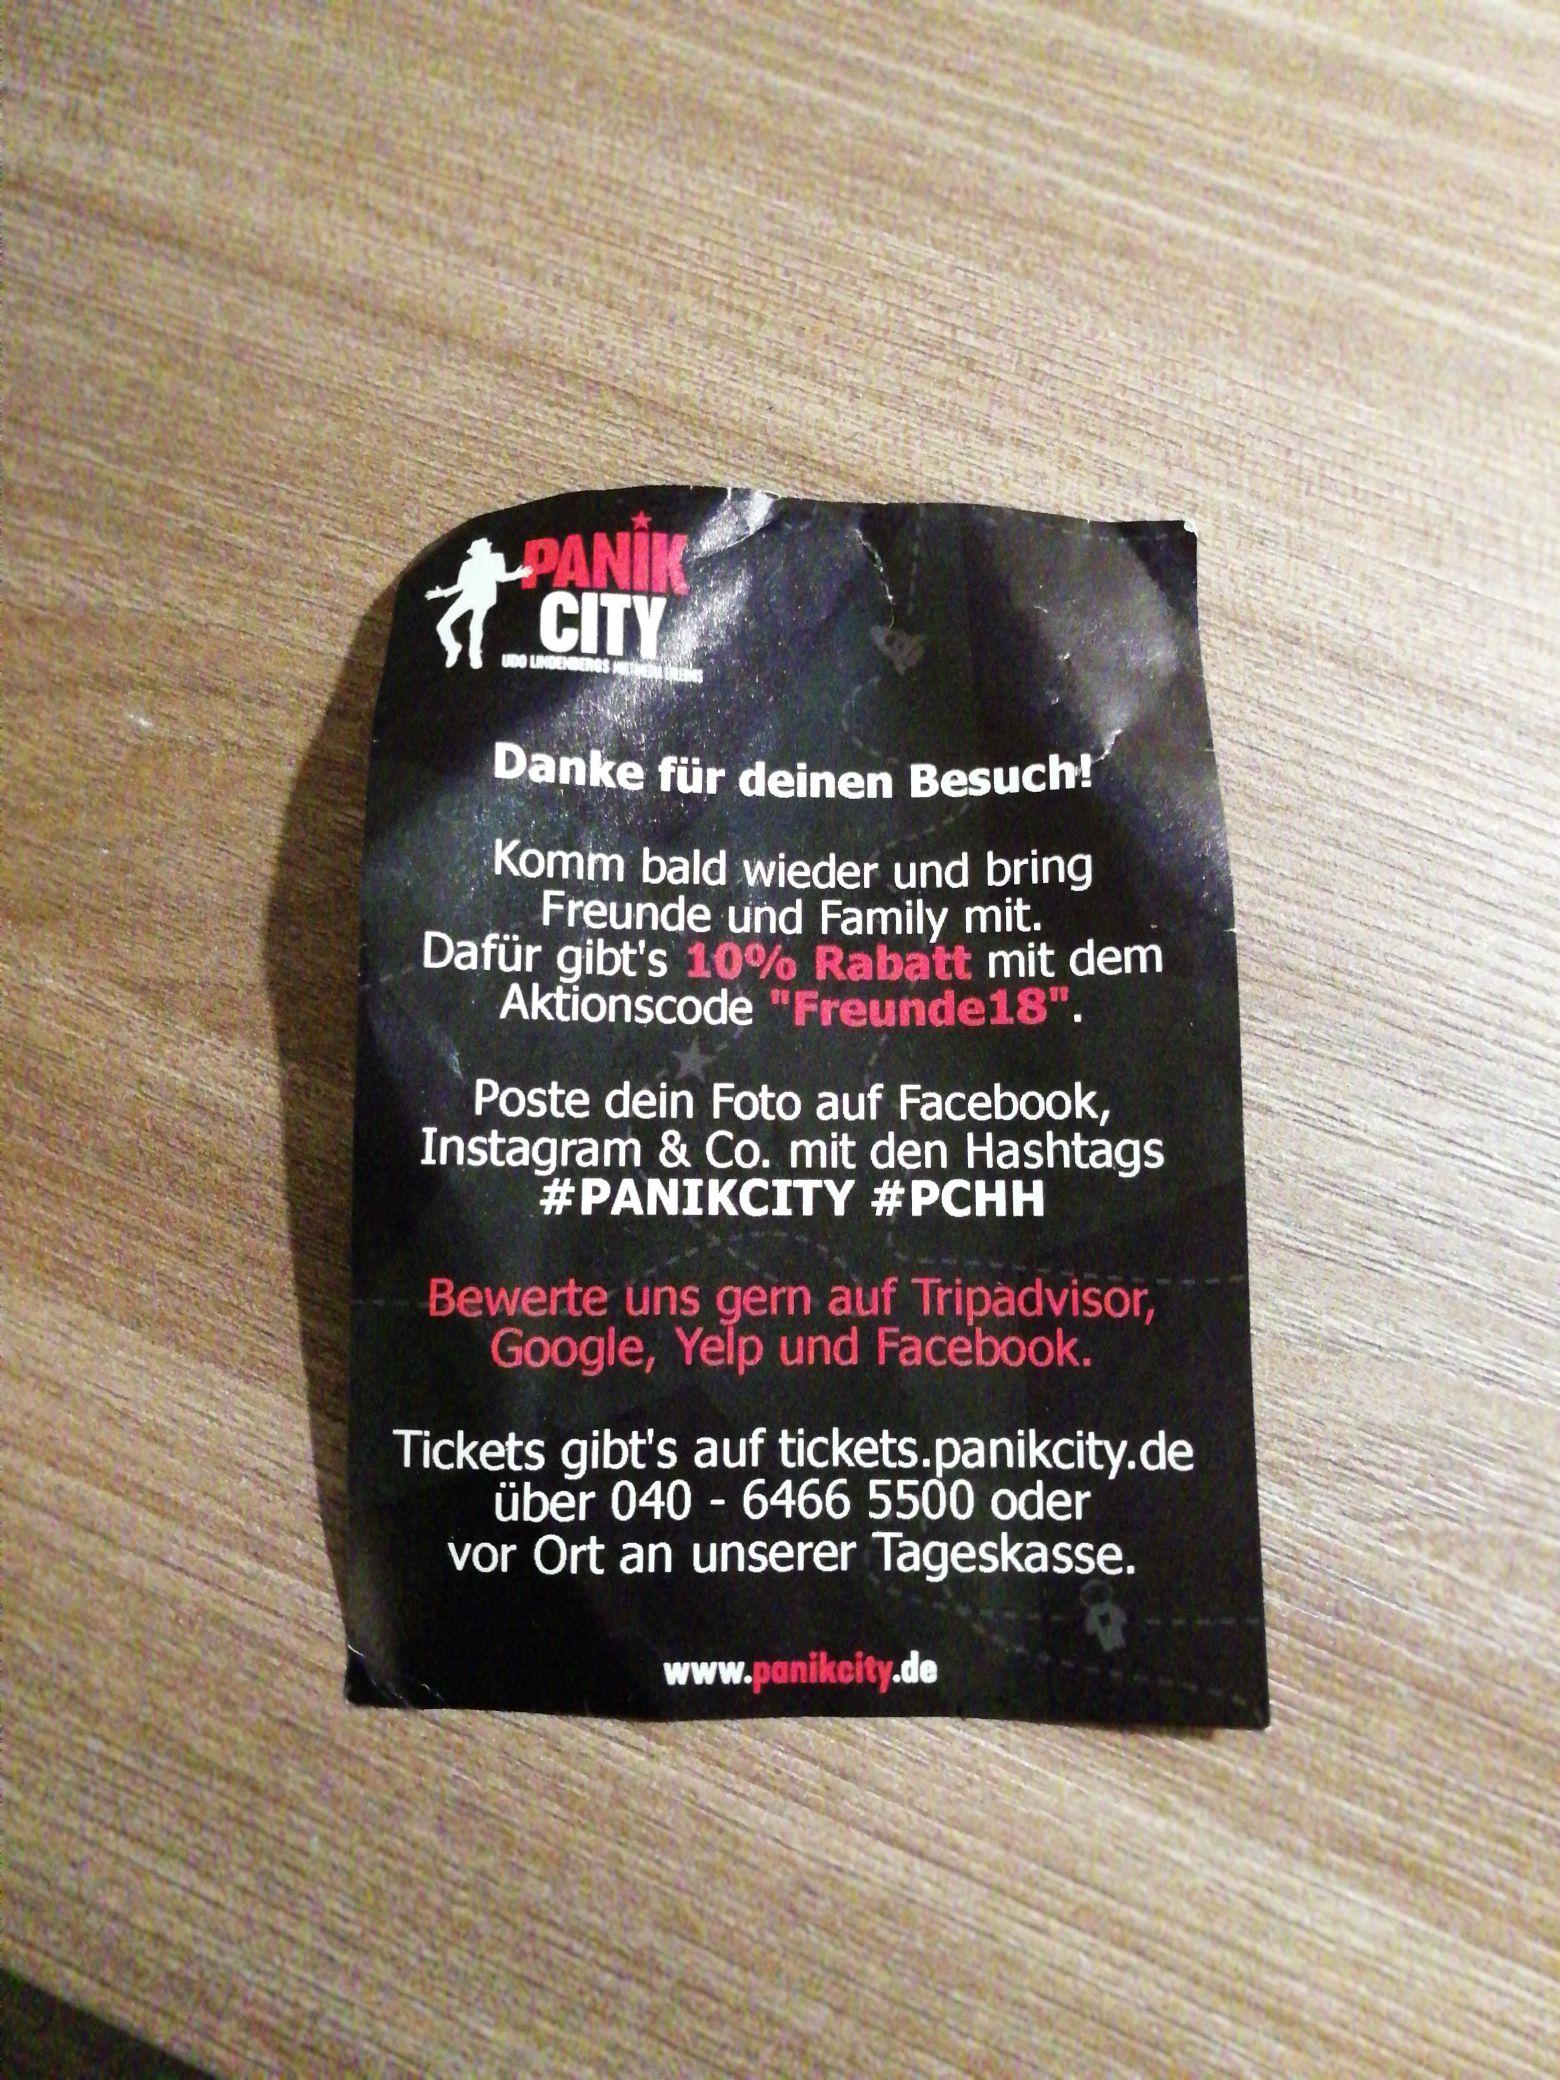 Panik City Udo Lindenberg Multimedia Show